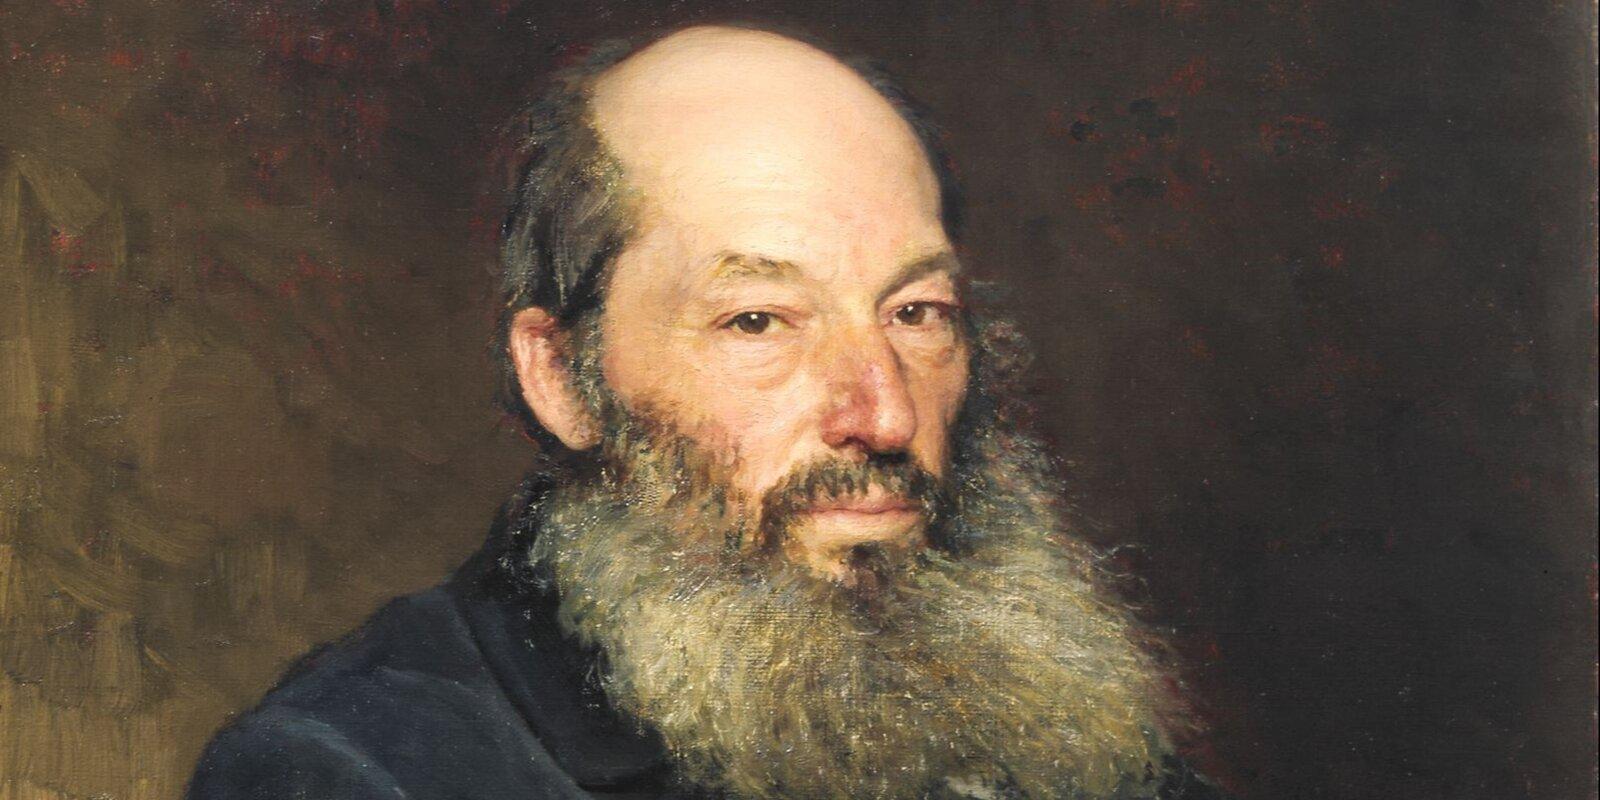 И. Репин. Портрет поэта А.А. Фета. 1882 год